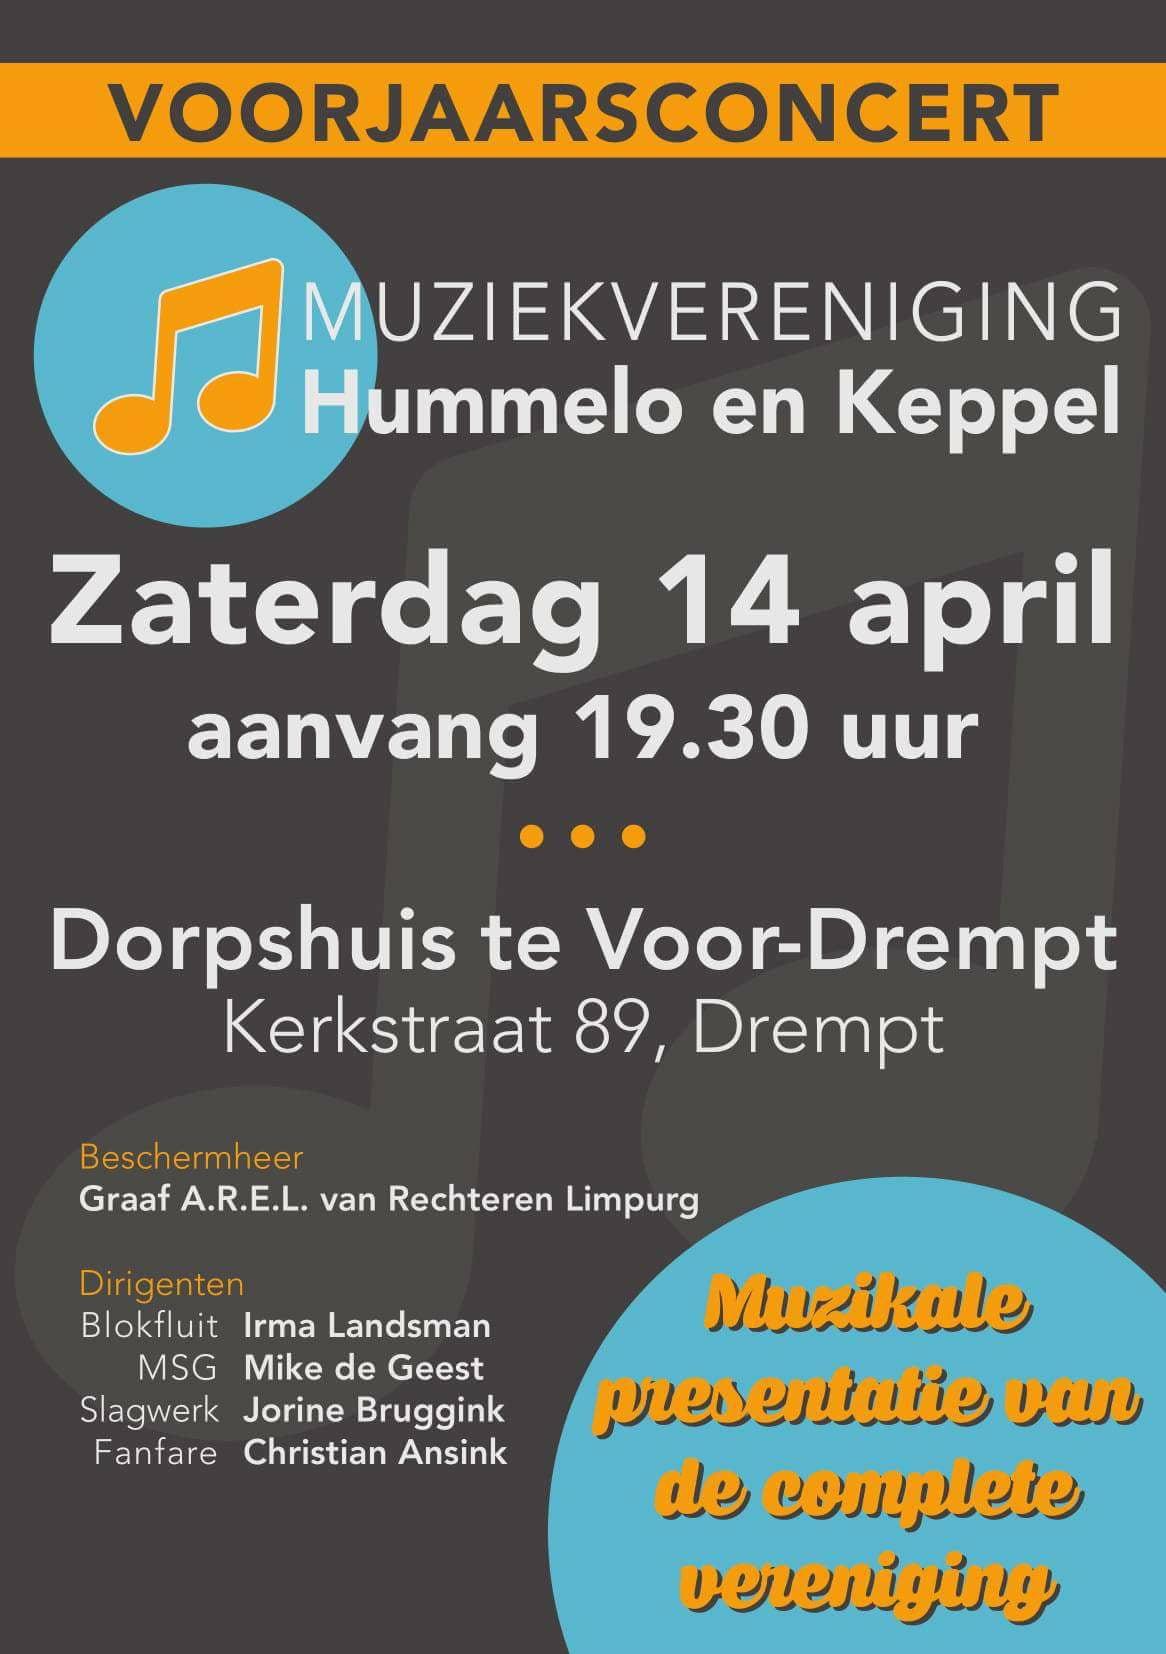 Voorjaarsconcert 2018 Muziekvereniging Hummelo en Keppel